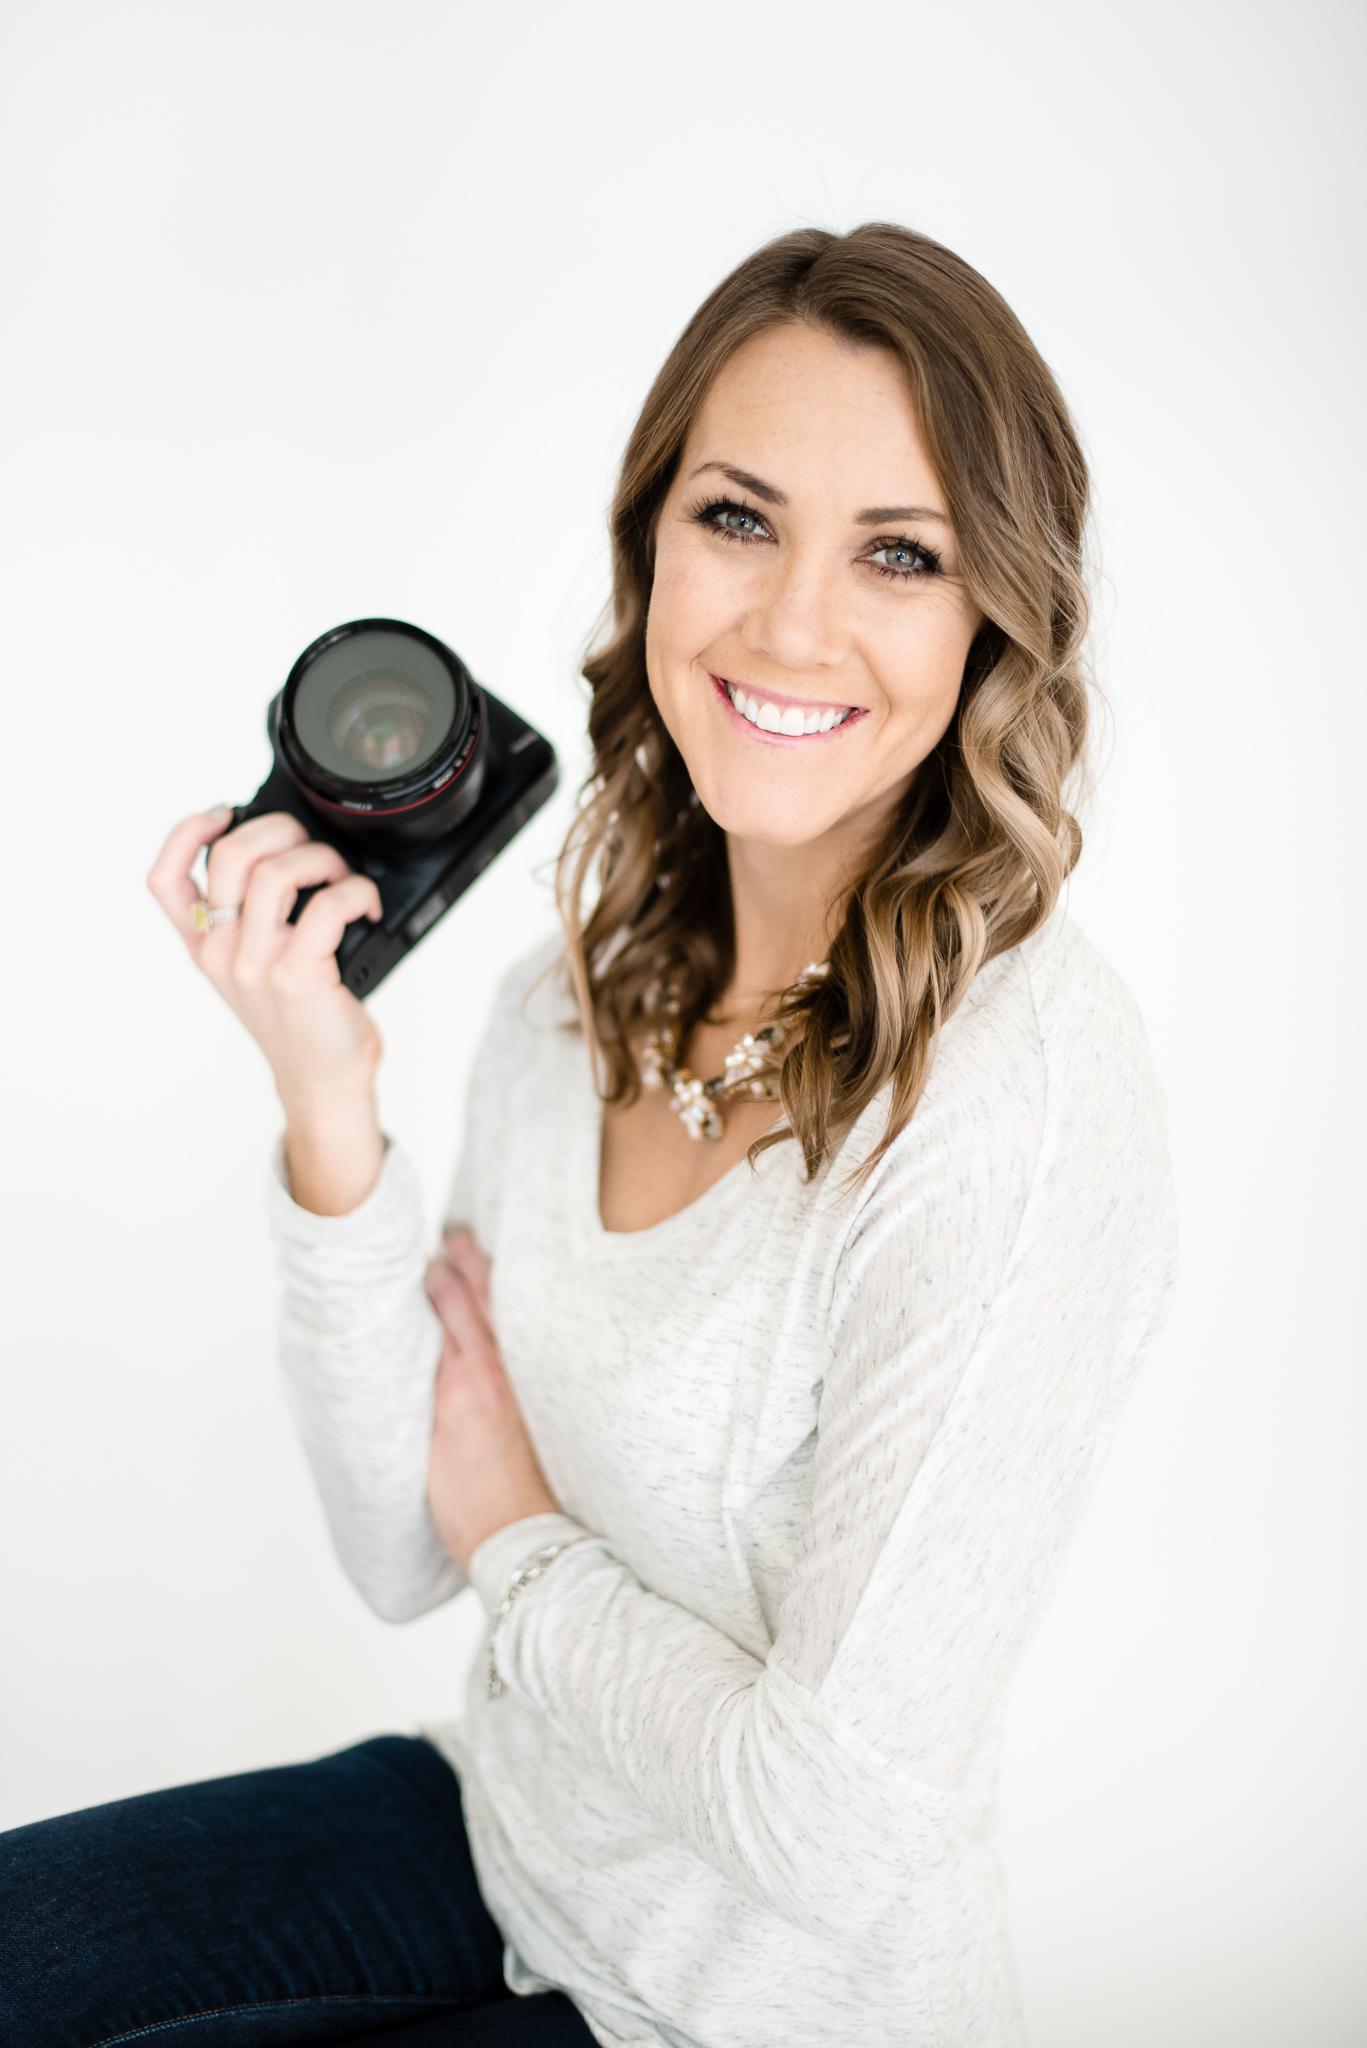 R&A Brand Photographer - Melissa Gilmore - reedandassociatesmarketing.com